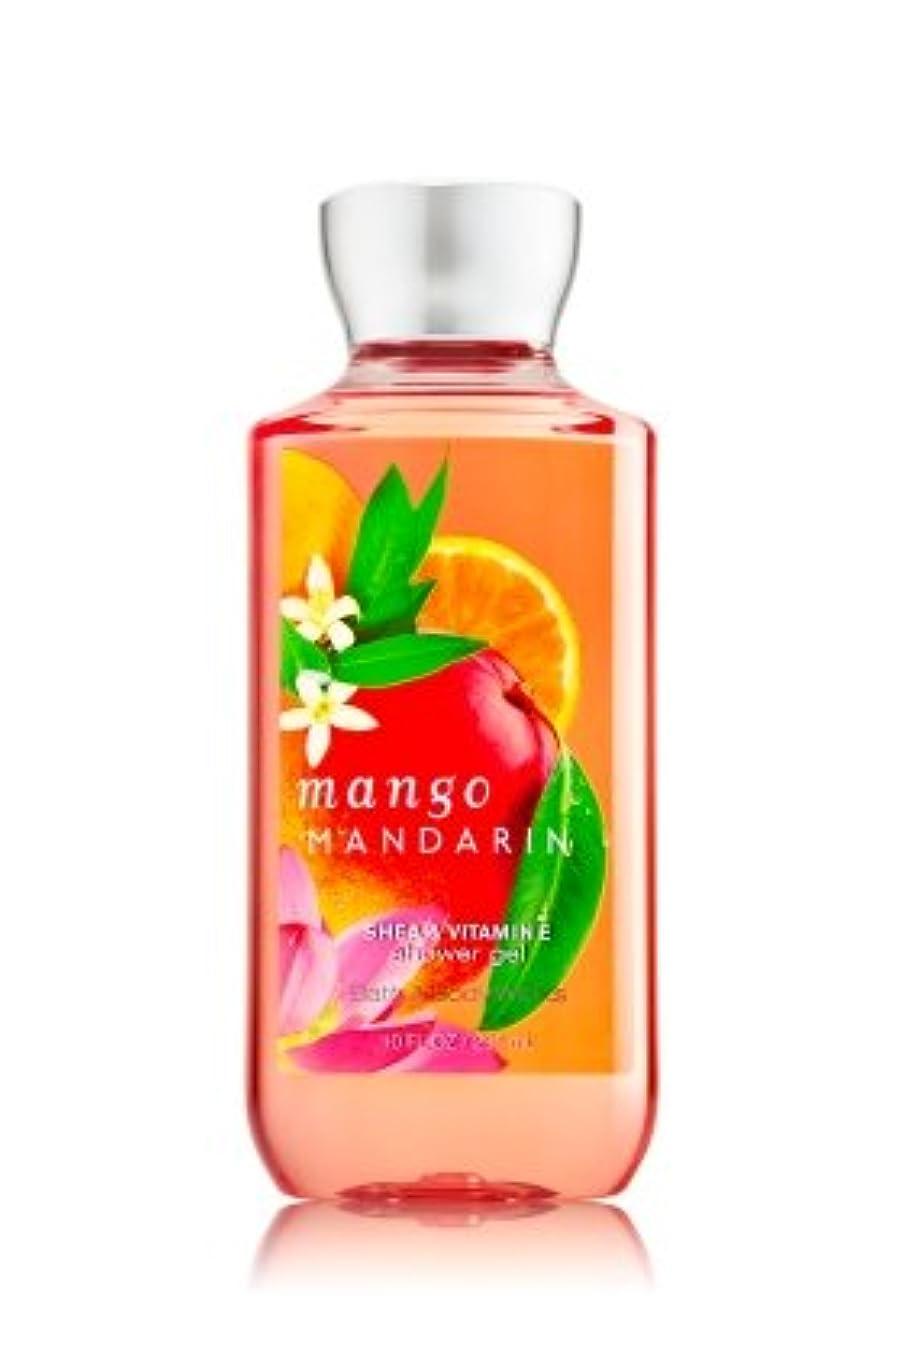 良い麦芽繁栄する【Bath&Body Works/バス&ボディワークス】 シャワージェル マンゴーマンダリン Shower Gel Mango Mandarin 10 fl oz / 295 mL [並行輸入品]